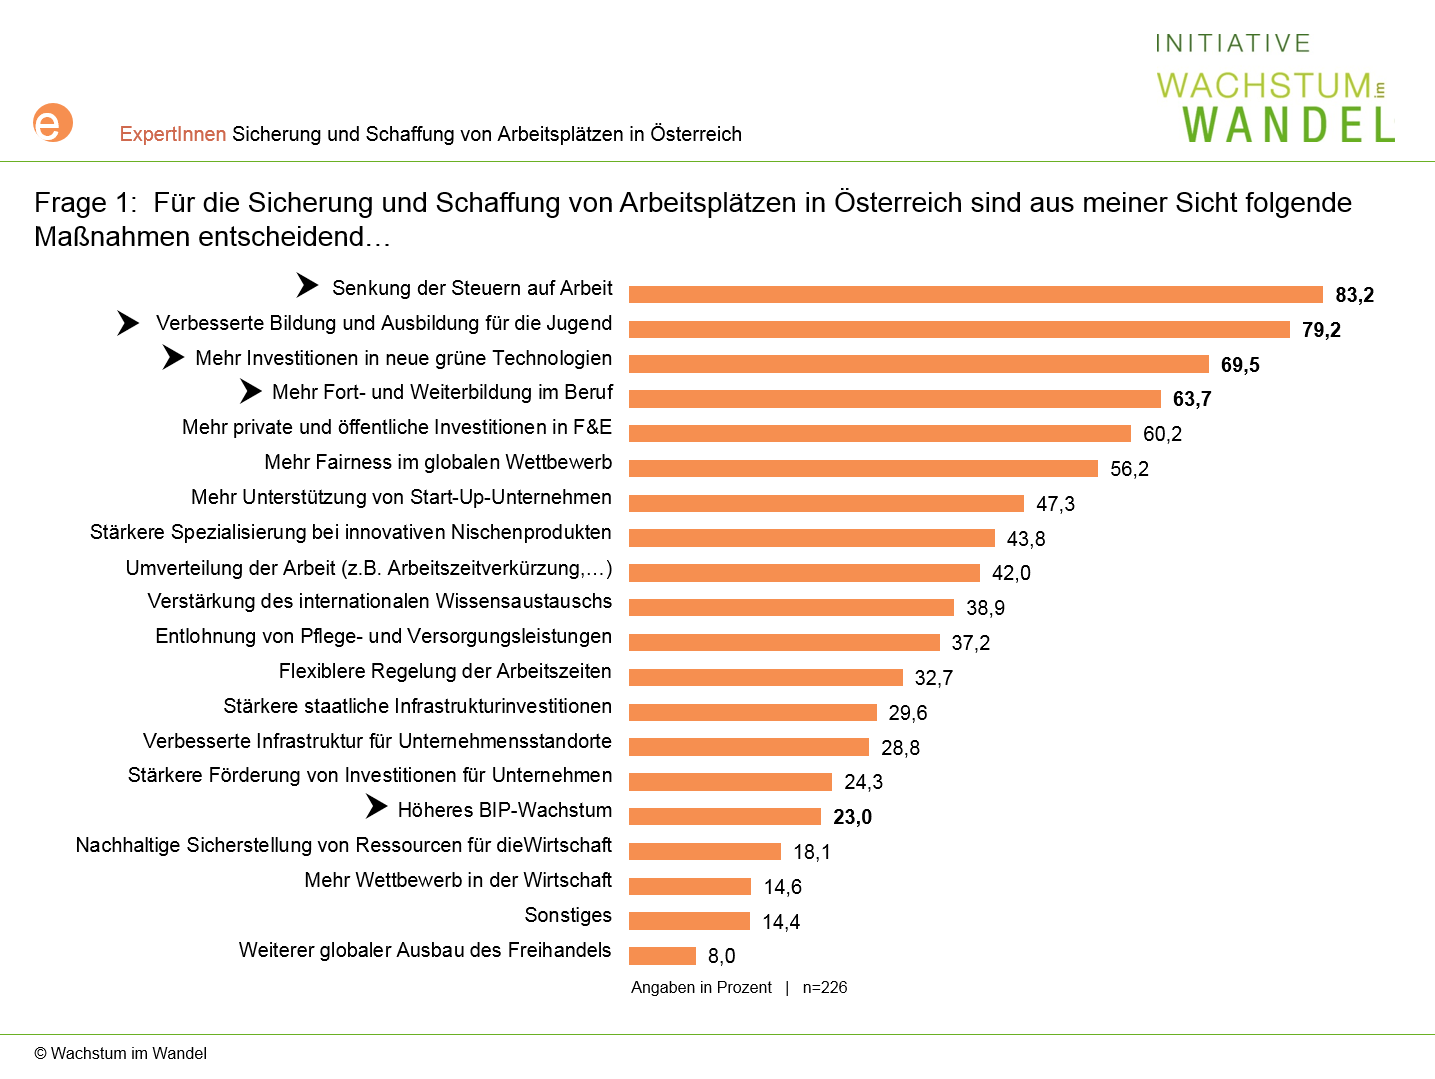 Diagramm: Diagramm: Für die Sicherung und Schaffung von Arbeitsplätzen in Österreich ist entscheidend...